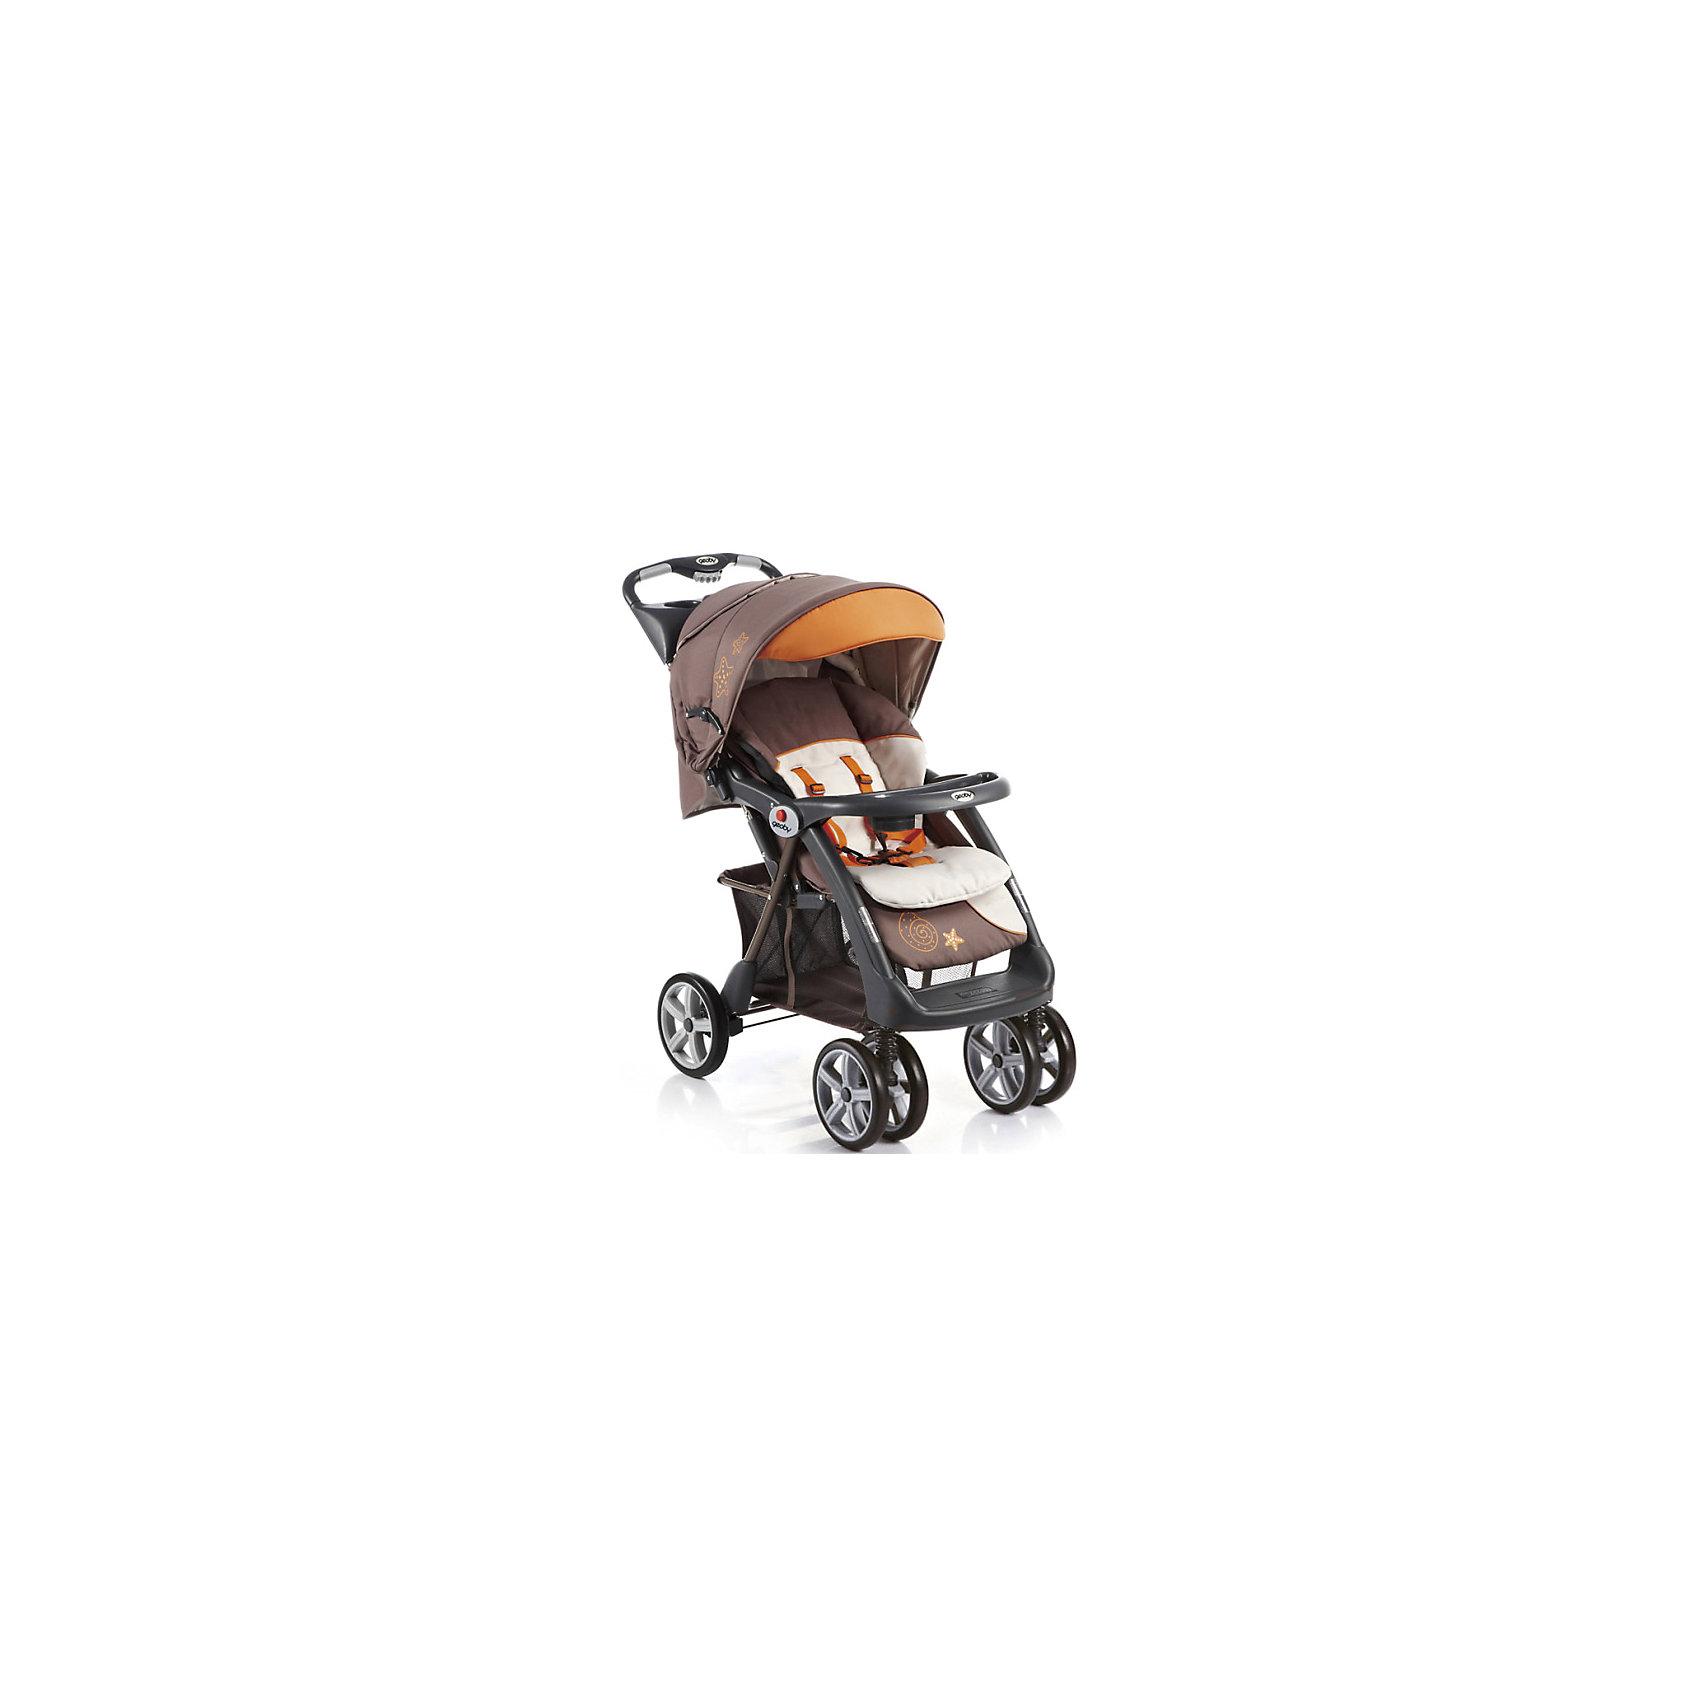 Прогулочная коляска C879CR (R4BB), Geoby, коричневый/оранжевыйКоляска Geoby C879CR - прекрасный вариант для путешествий, прогулок и активного отдыха детьми! Удобная и манёвренная модель имеет сдвоенные передние поворотные колеса, которые обеспечивают прекрасную проходимость на любом грунте. Жесткая спинка дополнена мягкой набивкой, регулируется в трех положениях, что гарантирует малышам отличный сон и отдых на свежем воздухе. Глубокий капюшон убережет ребенка от солнечных лучей или же холодного ветра и дождя, пятиточечные страховочные ремни обеспечат безопасность даже самым активным маленьким путешественникам. Коляска легко и быстро складывается, нужно лишь нажать кнопку на ручке. В сложенном виде занимает очень мало места.<br><br>Дополнительная информация:<br><br>- Материал: сталь, пластик, резина, текстиль. <br>- Размер в сложенном виде: 33х58х105 см.<br>- Размер в разложенном виде:103х58х98 см.<br>- Механизм складывания: книжка. <br>- Система амортизации.<br>- Задний стояночный тормоз.<br>- Количество колес: 6 (передние сдвоенные).<br>- Передние колеса поворотные с фиксацией. <br>- Диаметр колес: 21,5 см.<br>- Ширина шасси: 56 см.<br>- Высота ручки: 100 см.<br>- Вес: 11,9 кг.<br>- Регулировка наклона спинки в 3 положениях (до положения лежа).<br>- Съемный столик с подставкой для бутылочки.<br>- Столик с ящичком и подставкой для стакана (на ручке коляски).<br>- Регулируемая подножка.<br>- Большой капюшон со смотровым окном.<br>- Пятиточечные ремни безопасности.<br>- Быстро и удобно складывается одной рукой. <br>- Съемный мягкий матрасик.<br>- Устойчиво стоит в сложенном виде.<br>- Корзина для вещей. <br>- В комплекте: полог, матрасик.<br><br>Прогулочную коляску C879CR (R4BB), Geoby (Геоби), коричневую/оранжевую, можно купить в нашем магазине.<br><br>Ширина мм: 500<br>Глубина мм: 310<br>Высота мм: 920<br>Вес г: 14900<br>Возраст от месяцев: 6<br>Возраст до месяцев: 36<br>Пол: Унисекс<br>Возраст: Детский<br>SKU: 4787777